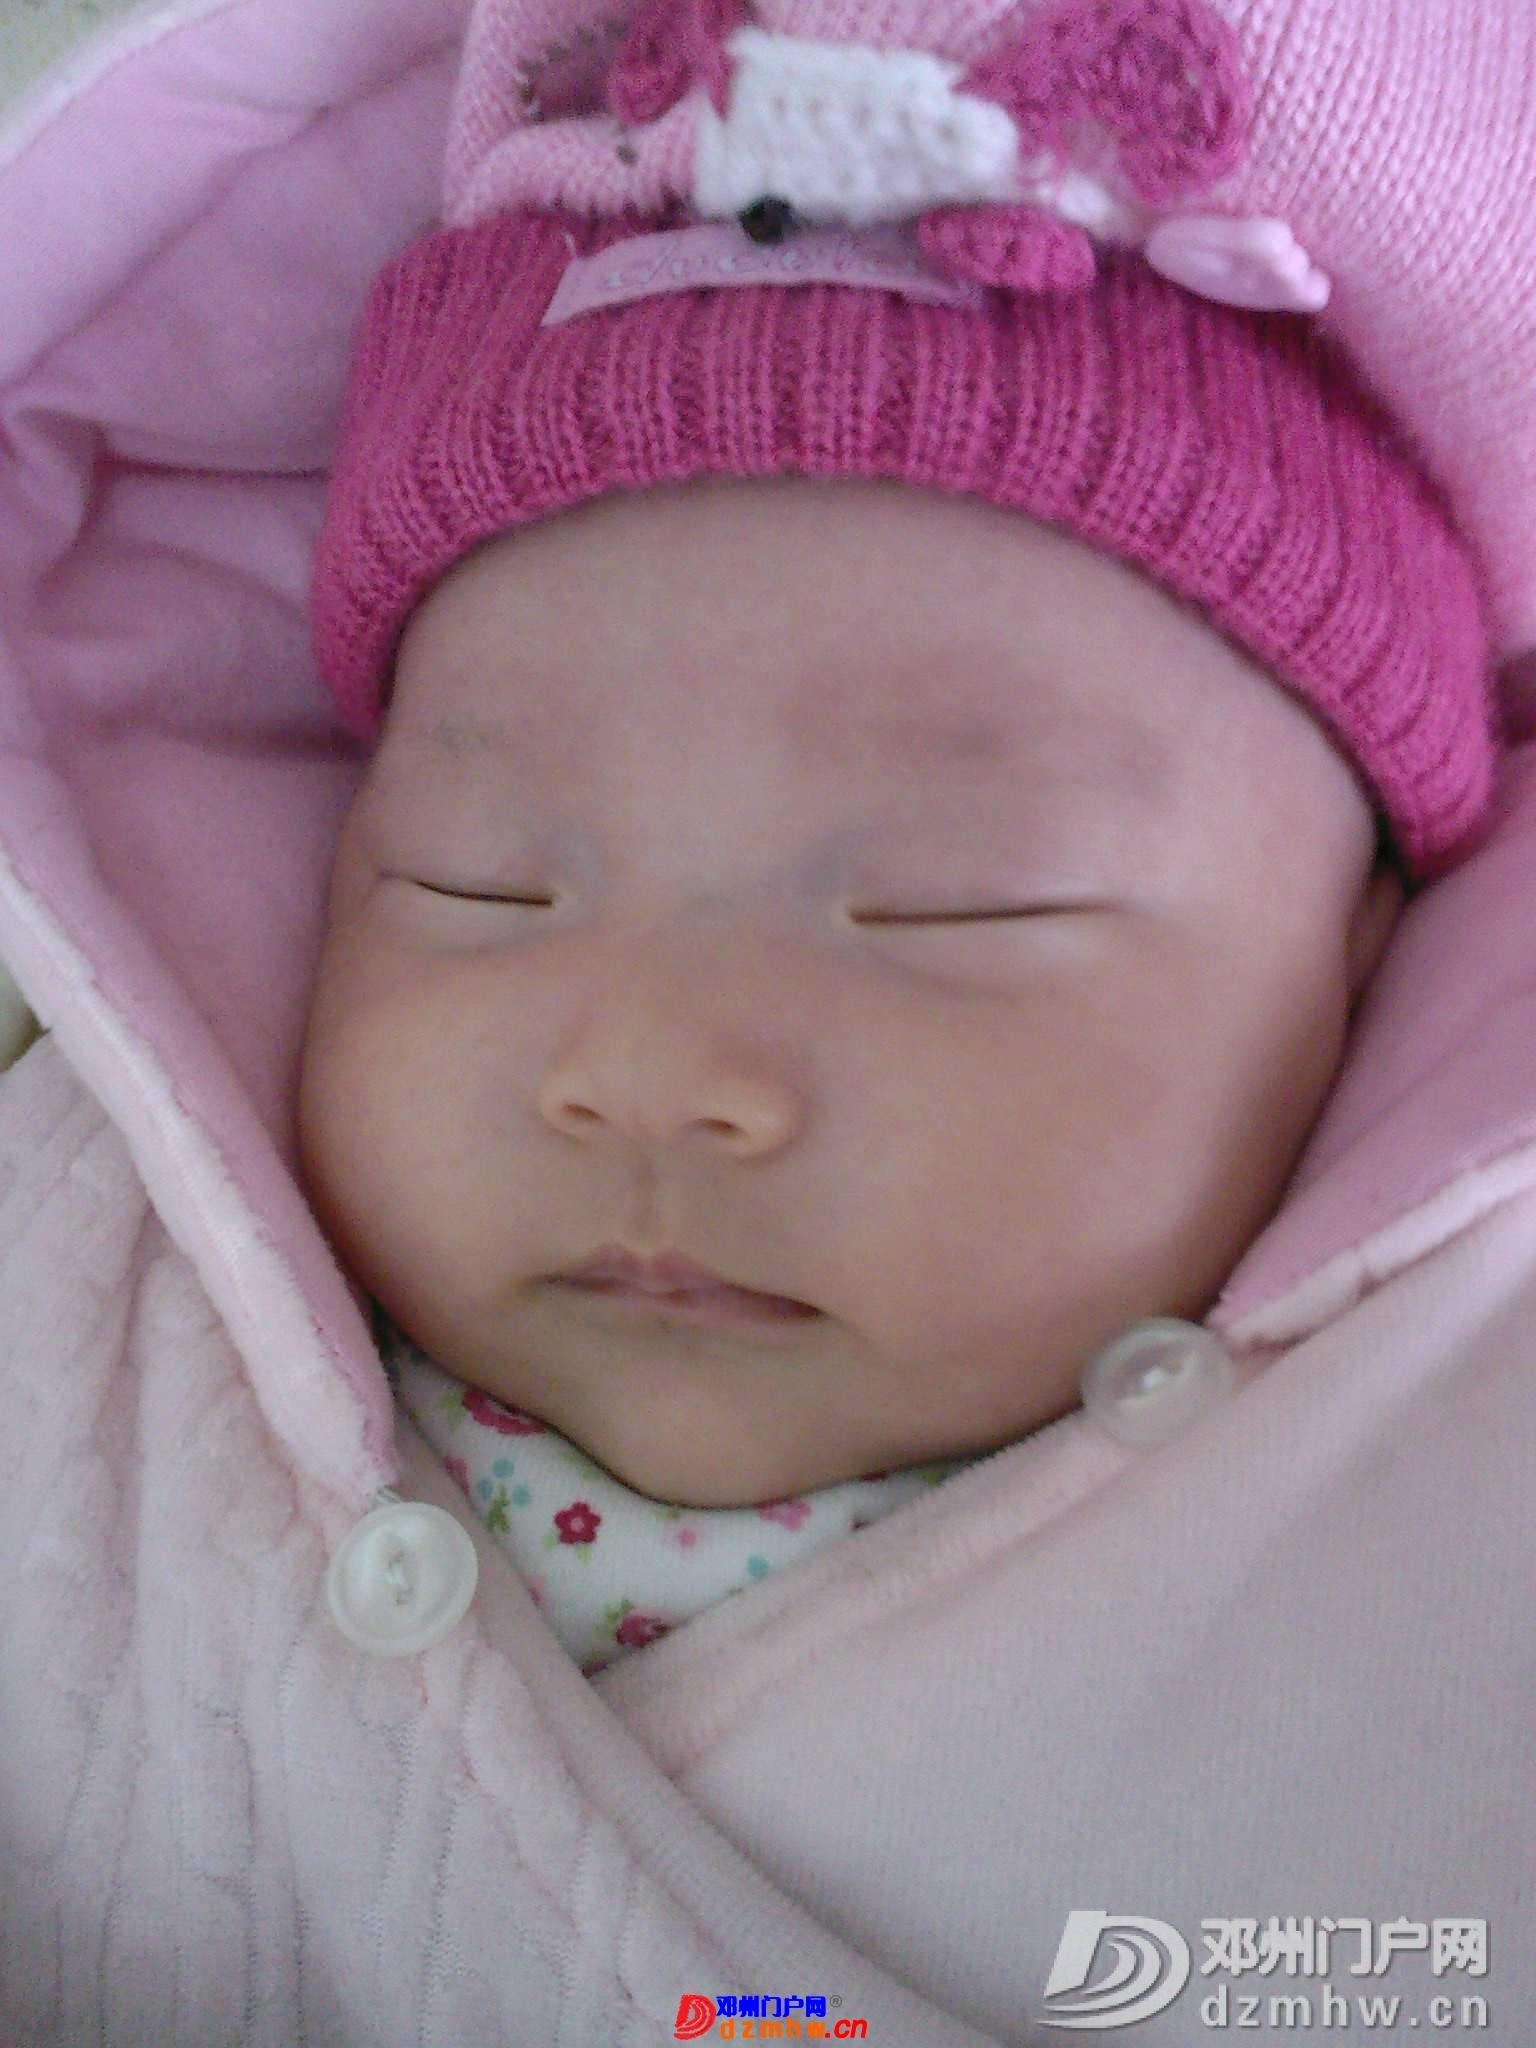 我的宝宝四十六天了,来晒一晒,看谁认识,呵呵 - 邓州门户网|邓州网 - 1702032q184f3.jpg